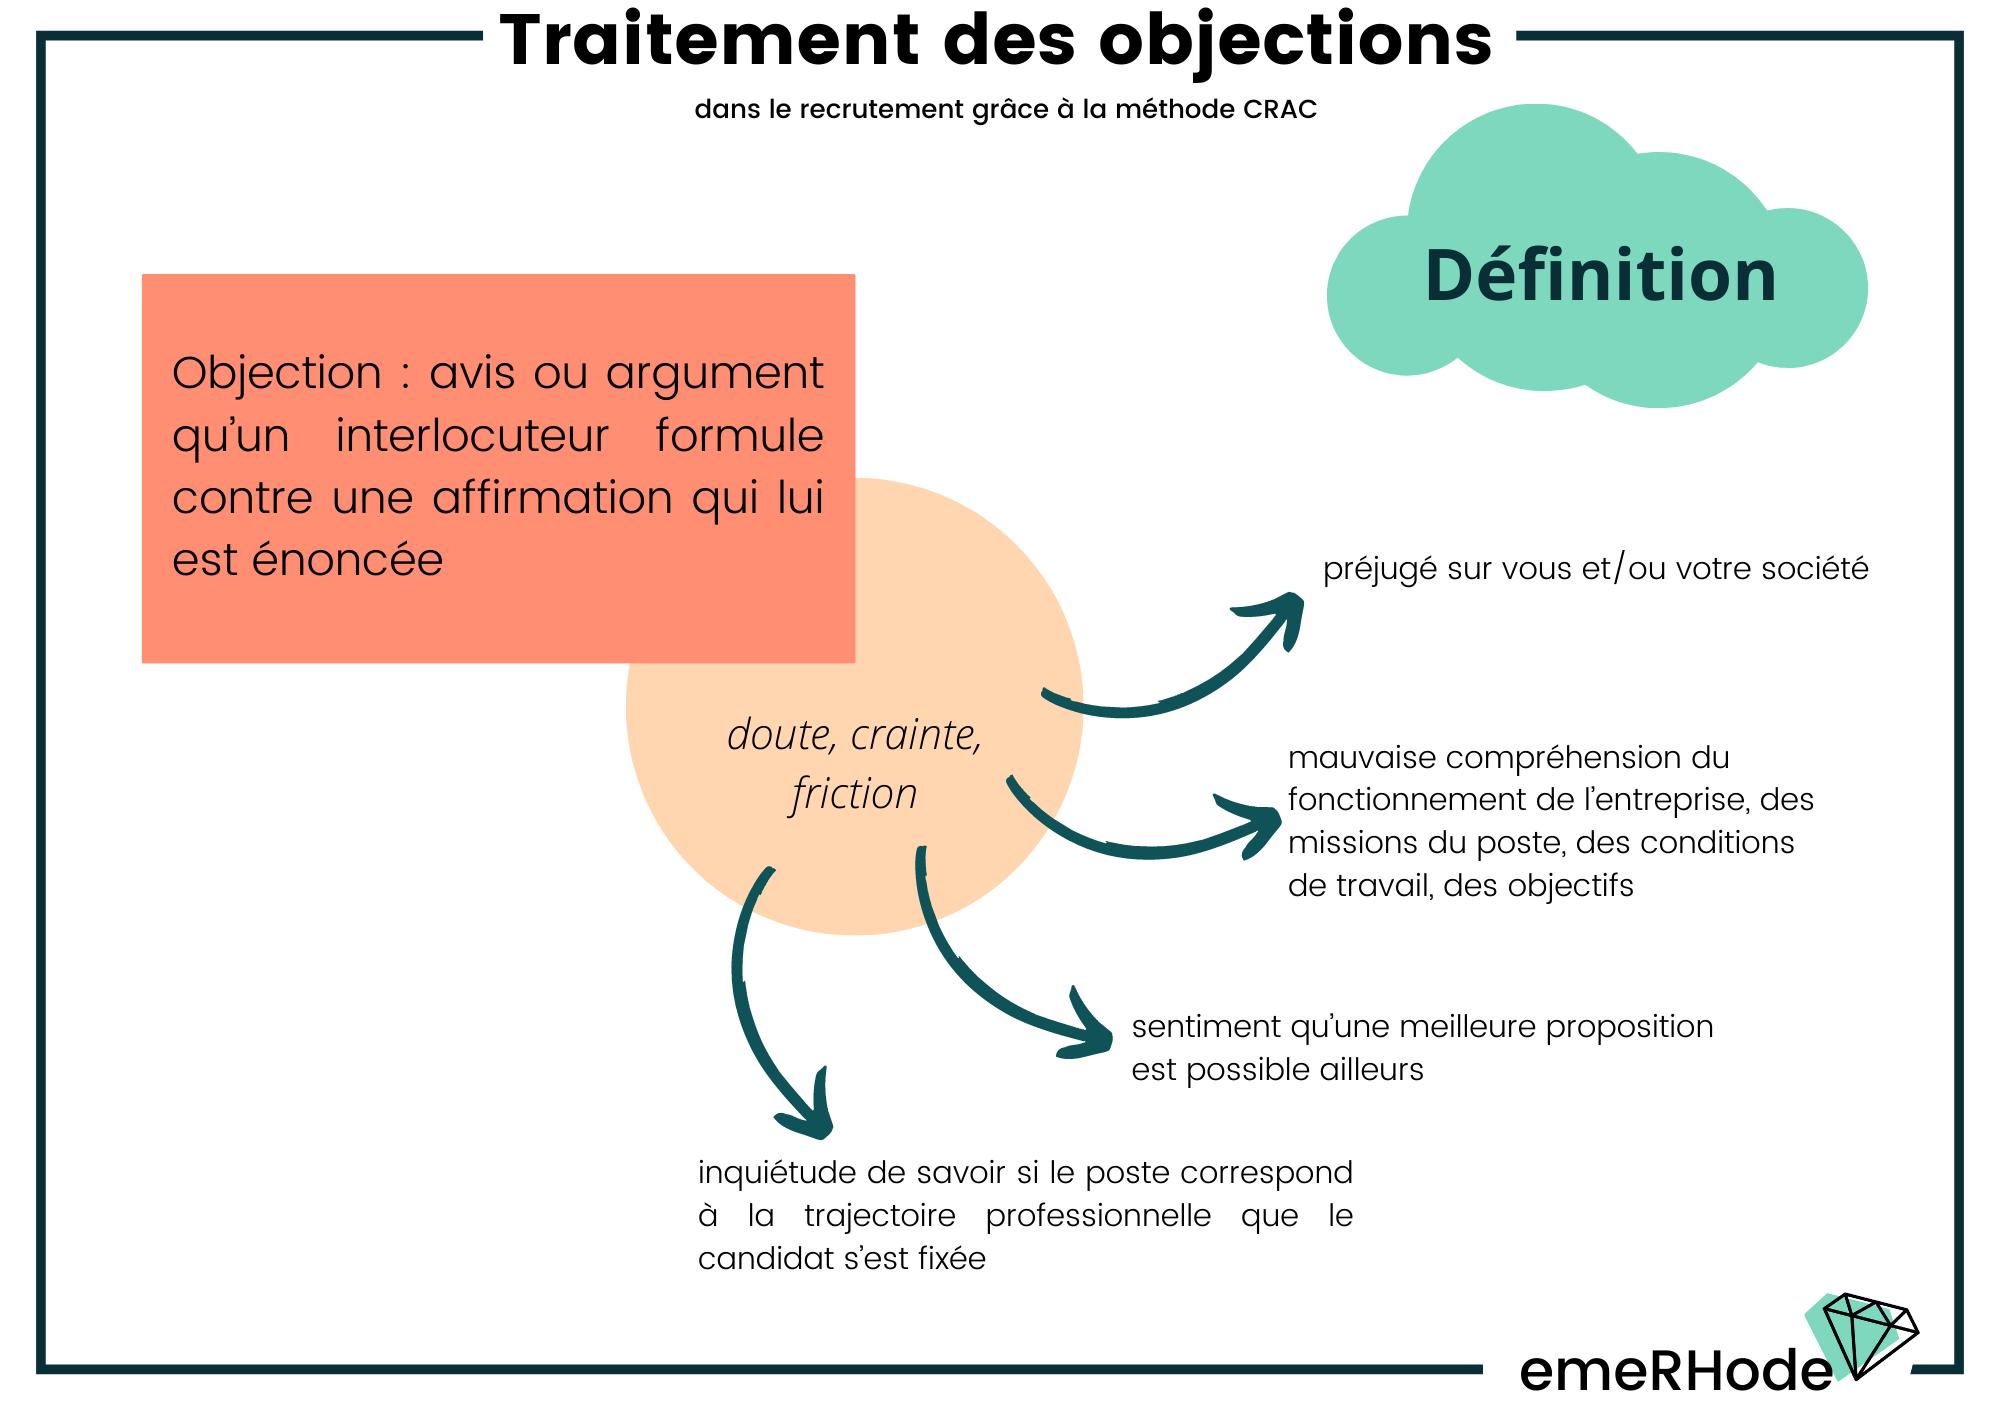 Traitement des objections définition